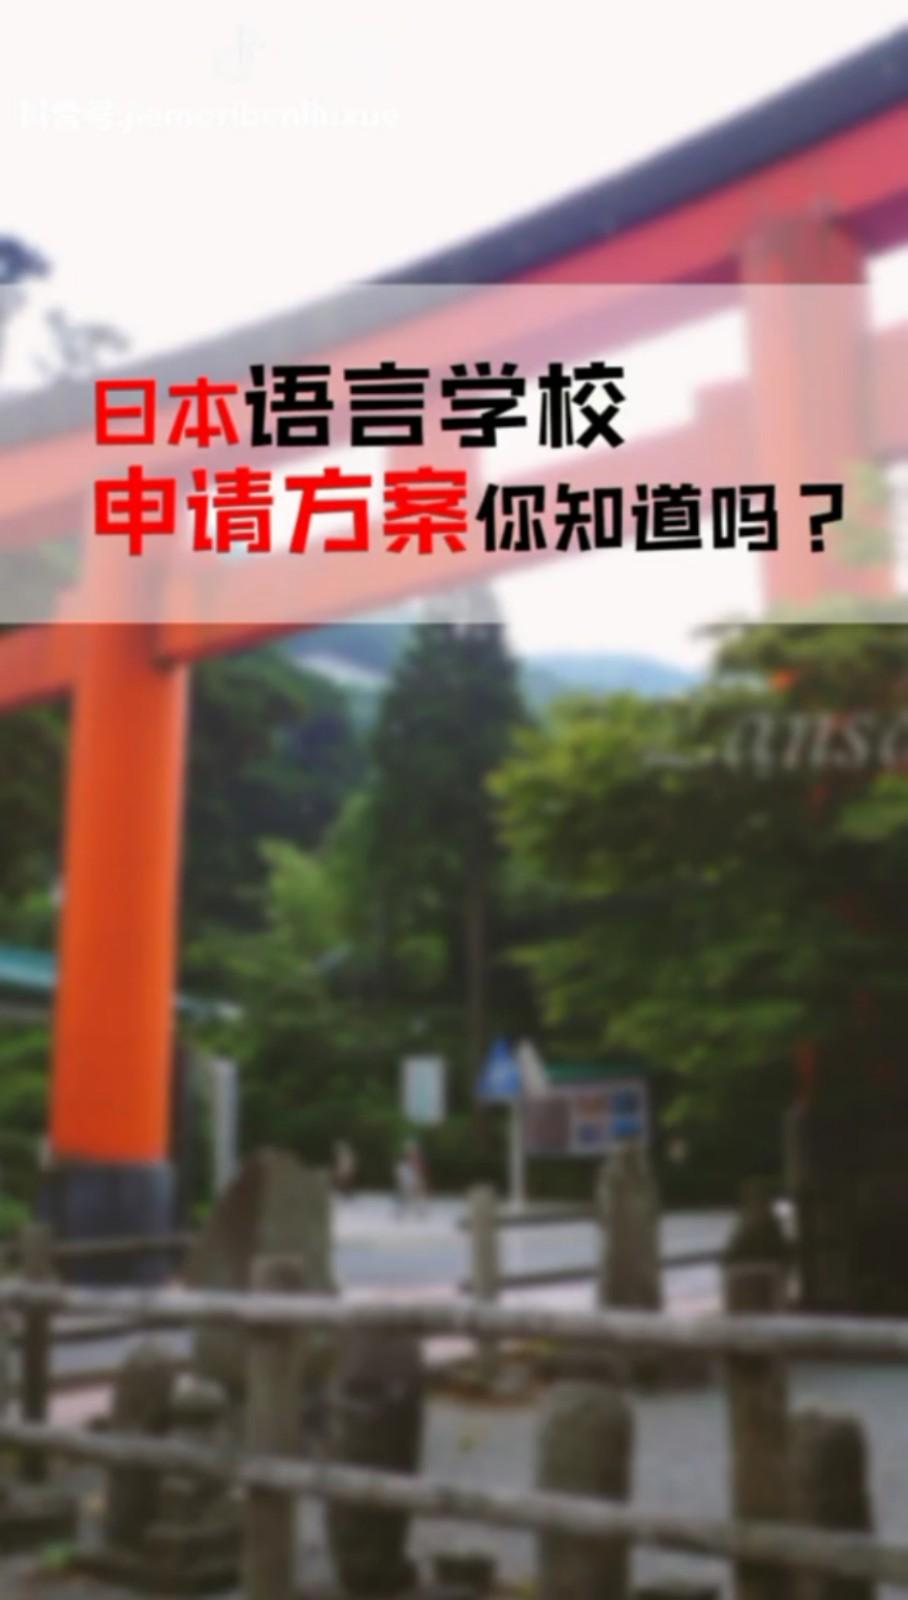 日本语言学校申请方案,你知道吗?